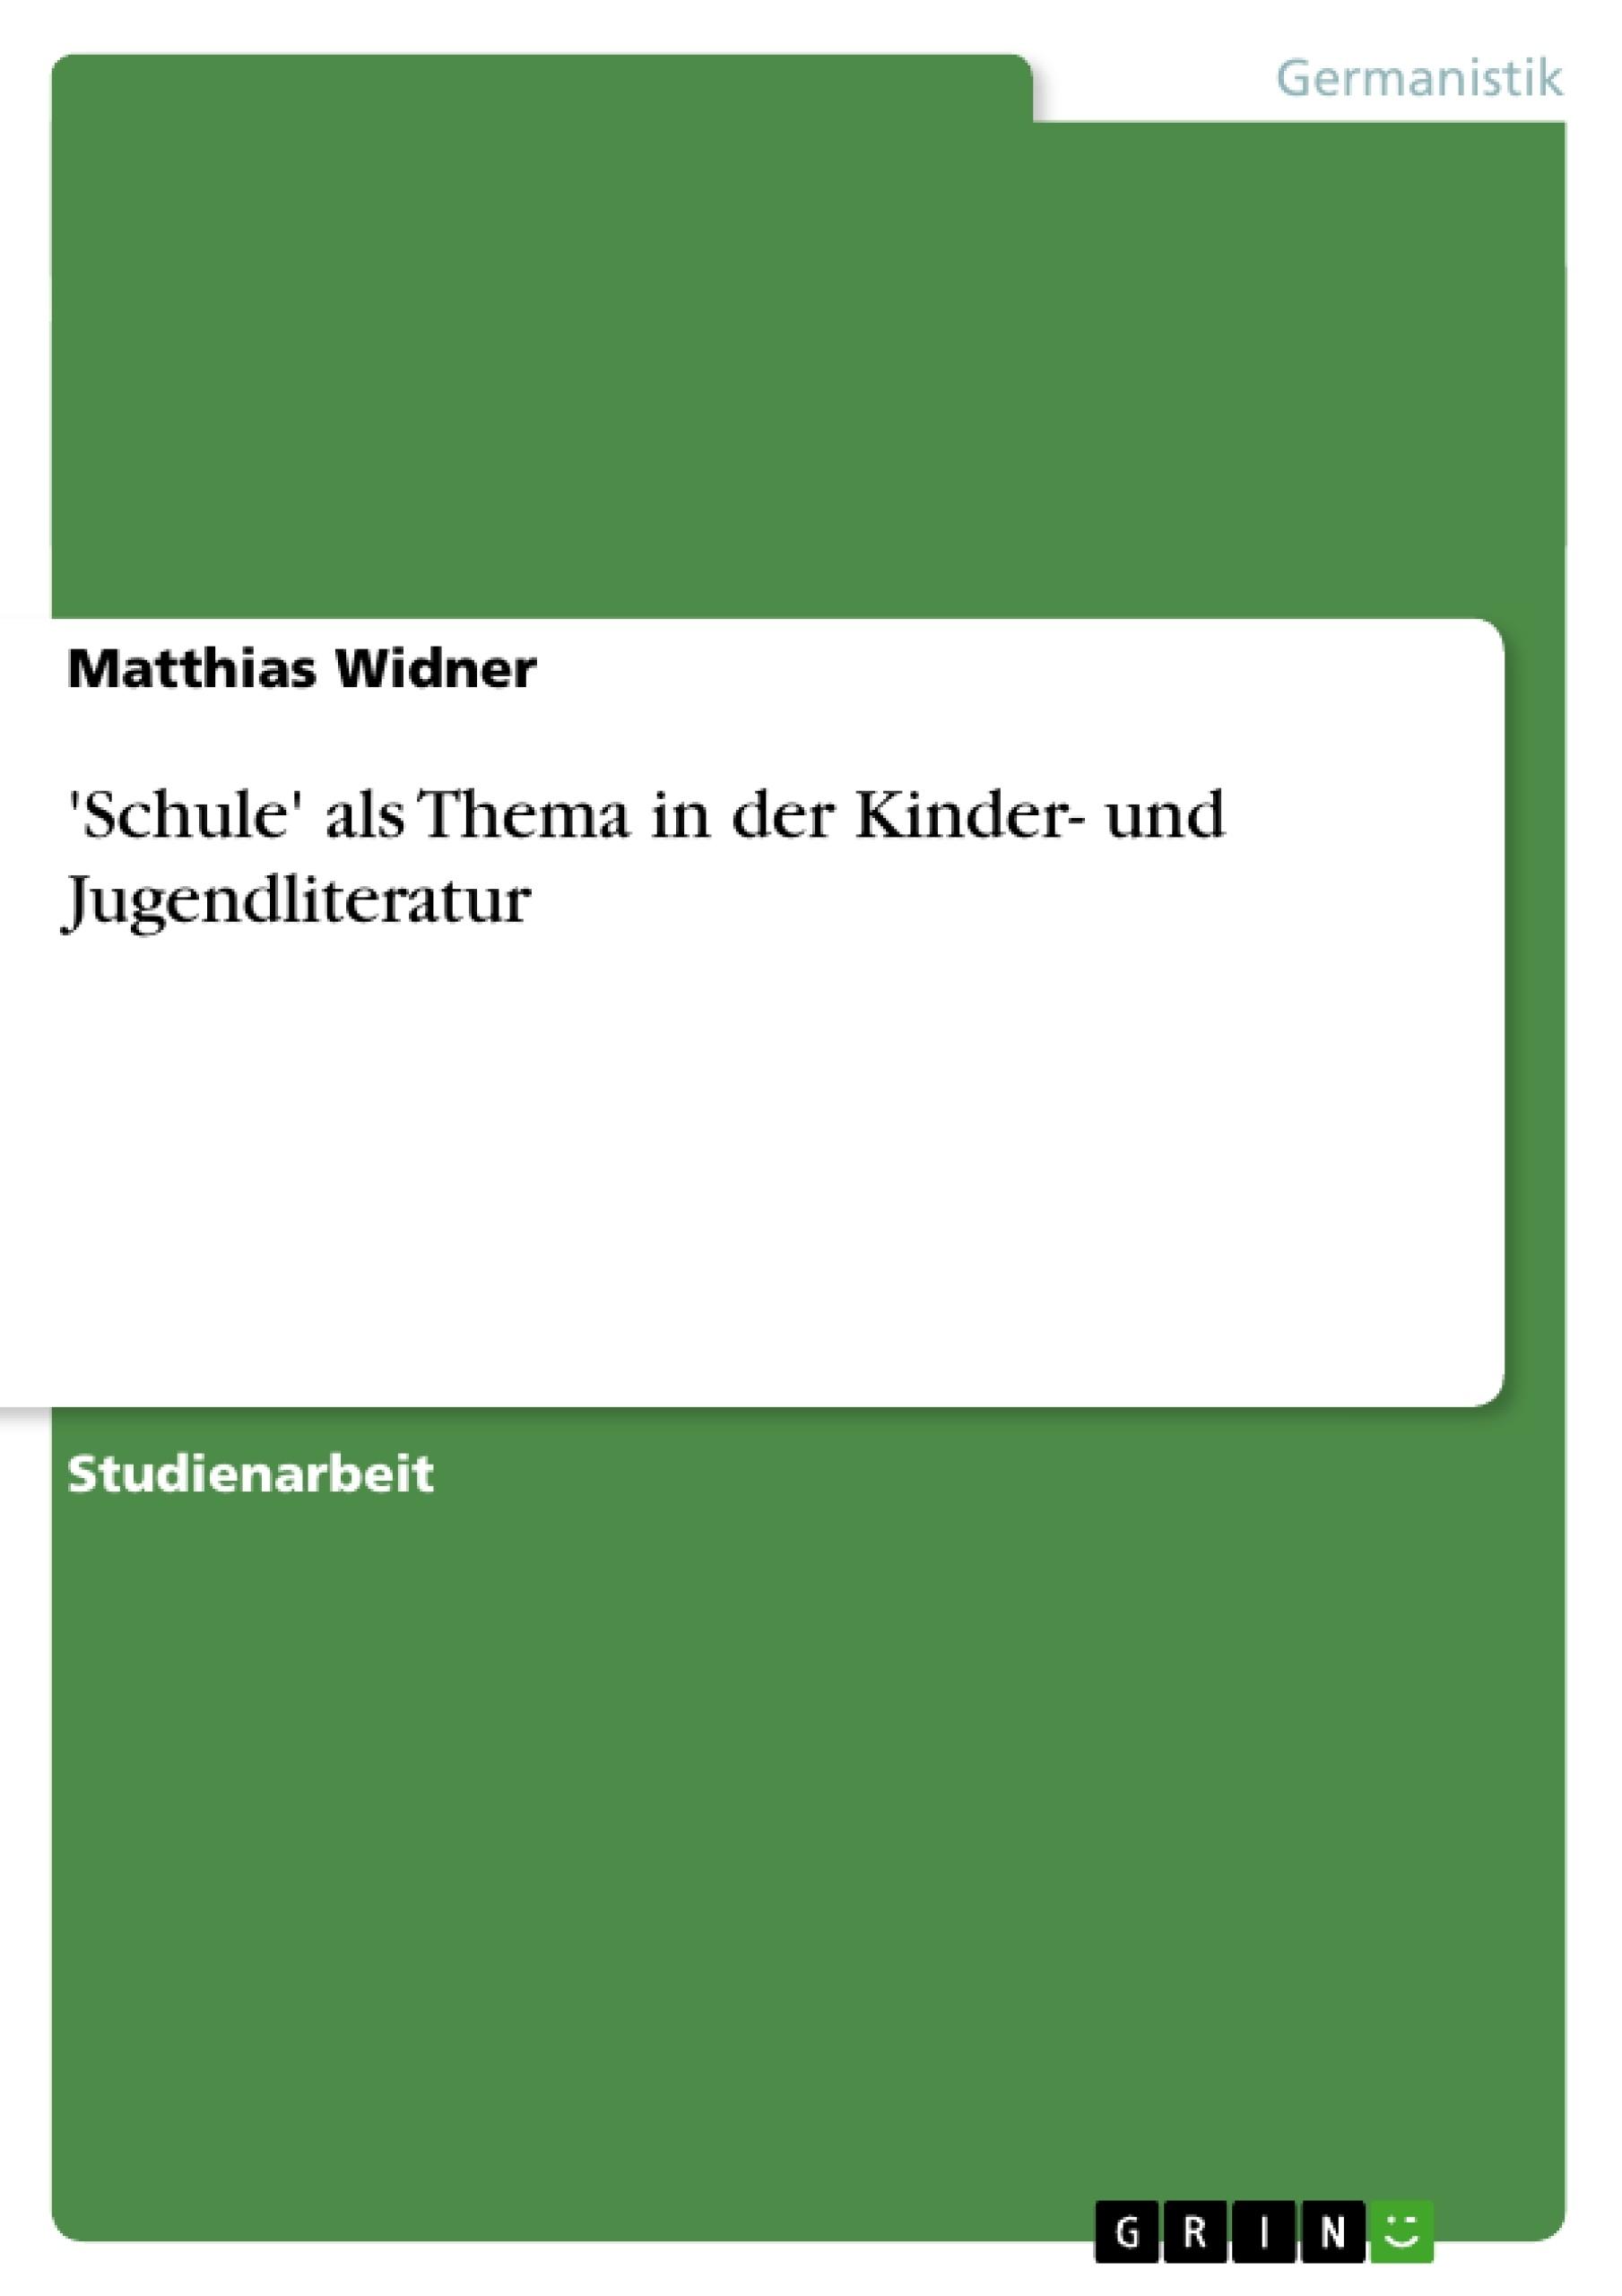 Titel: 'Schule' als Thema in der Kinder- und Jugendliteratur